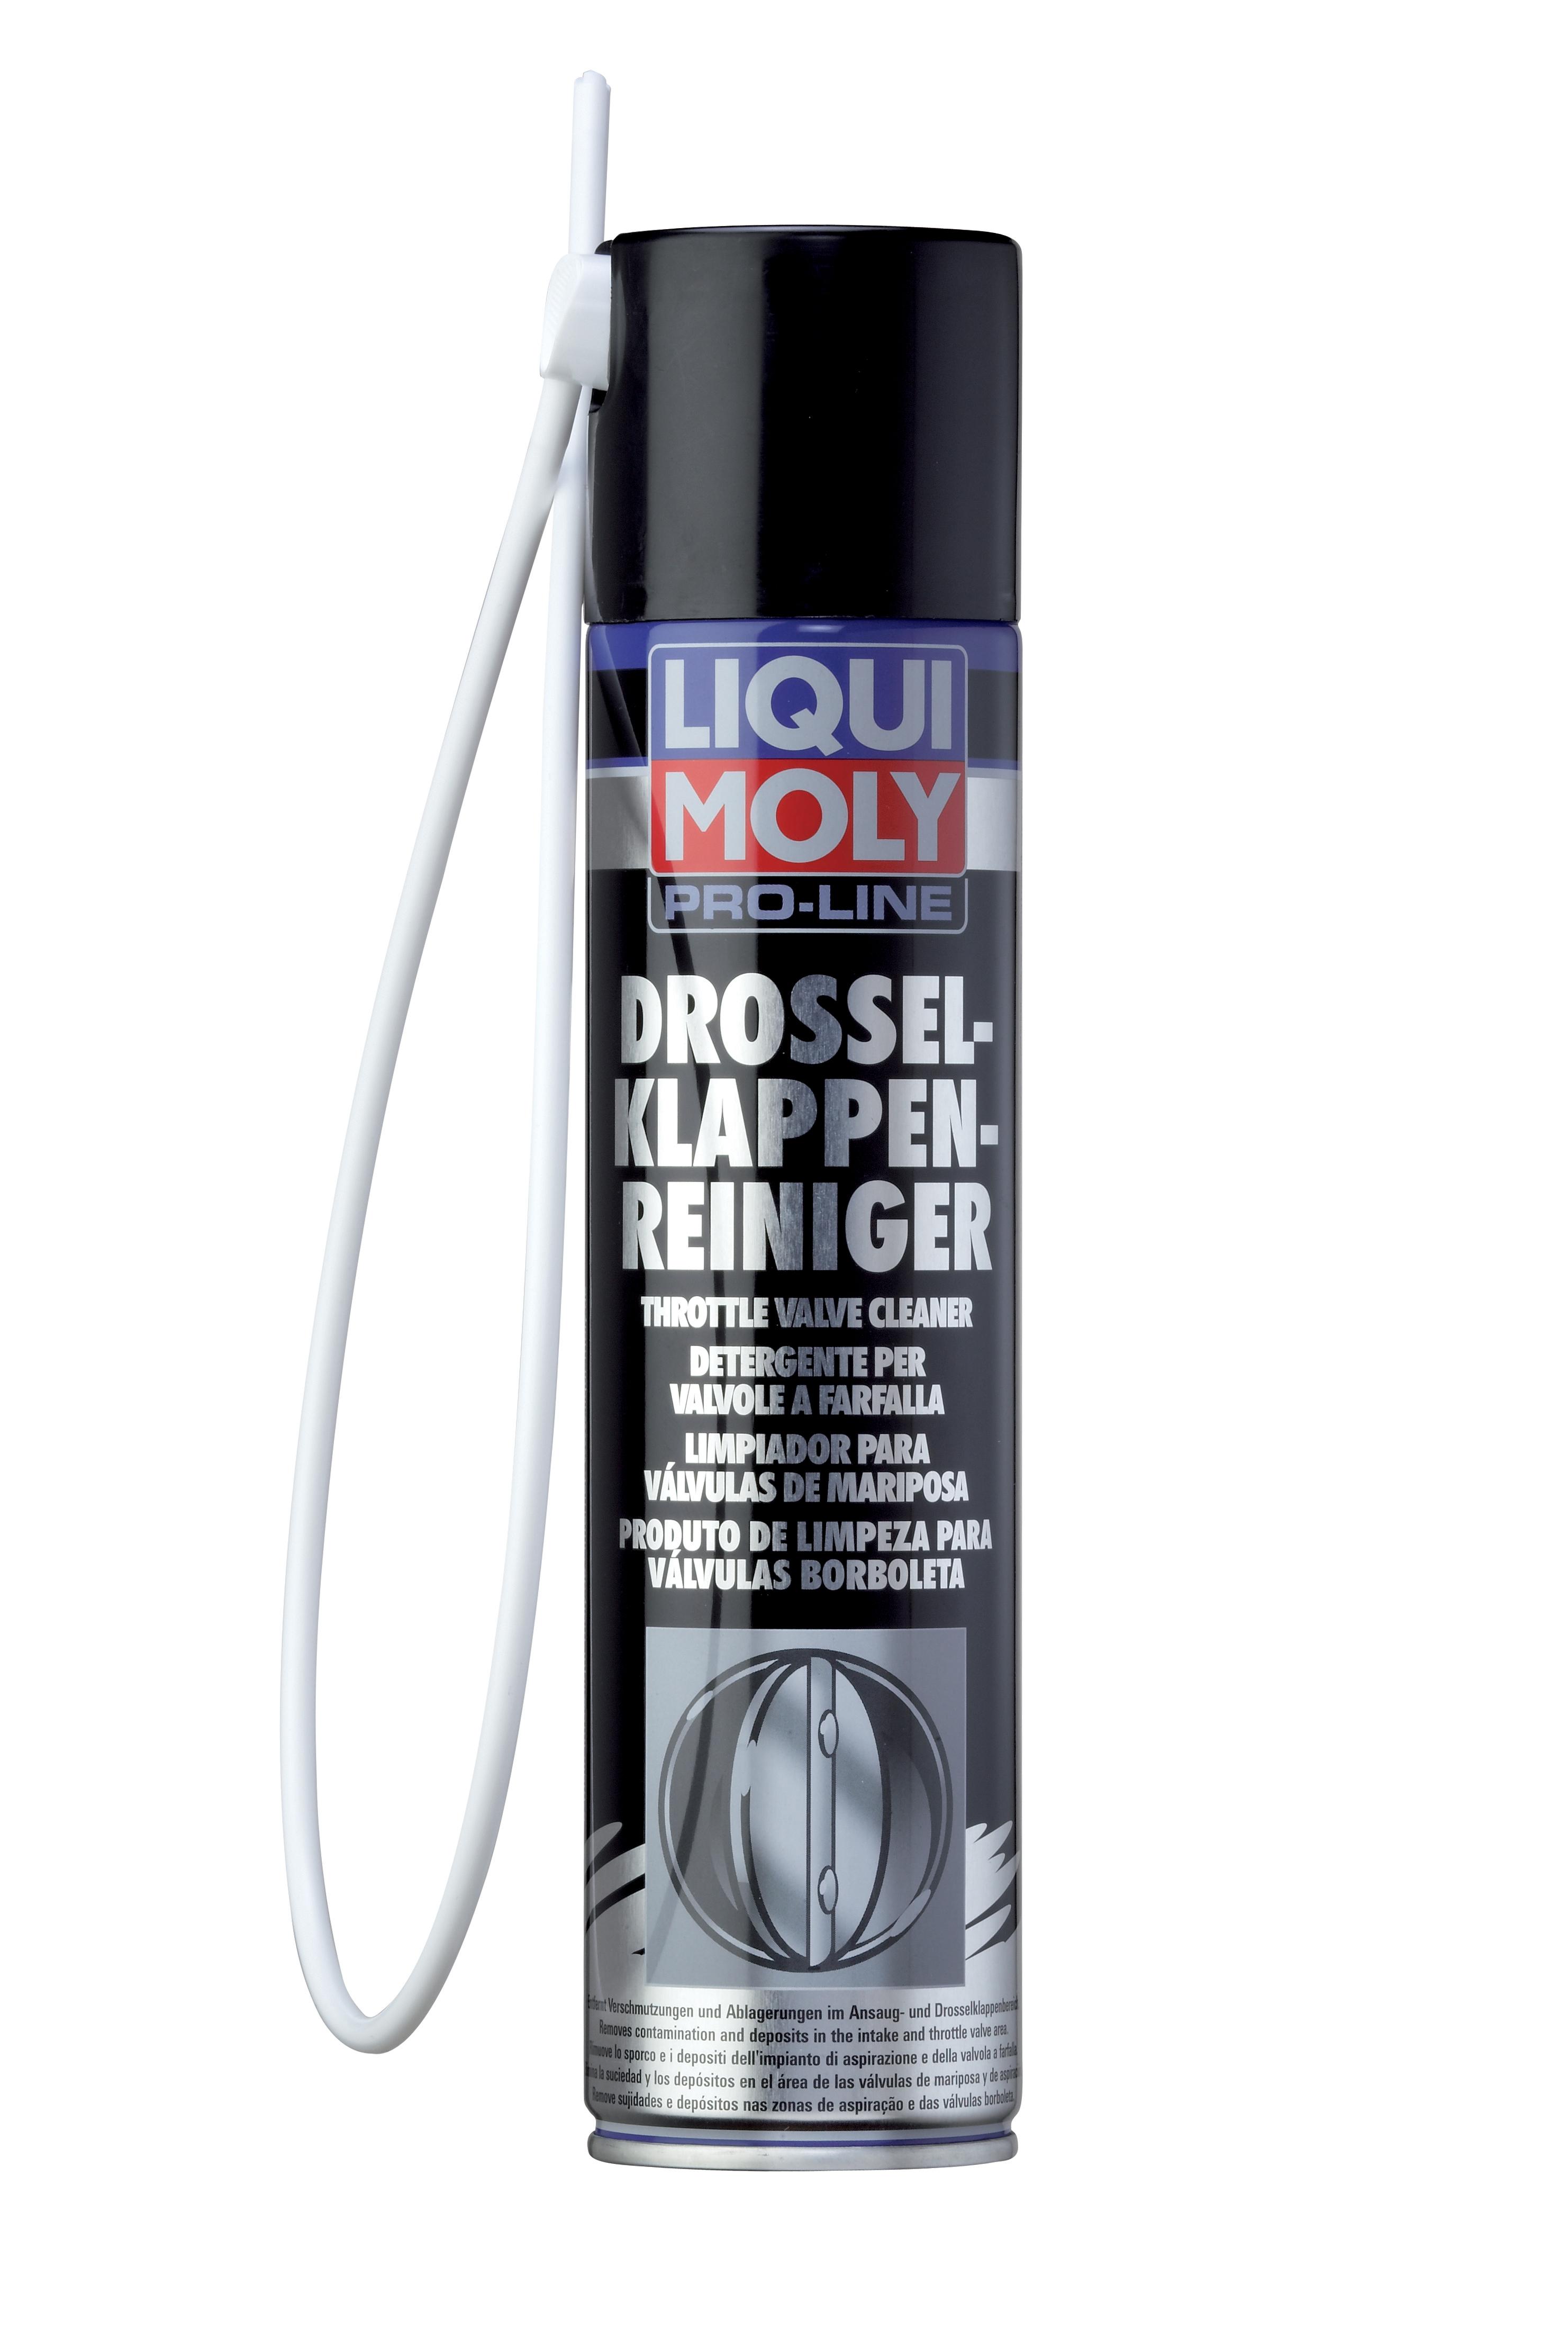 Очиститель дроссельных заслонок Pro-Line Drosselklappen-Reiniger